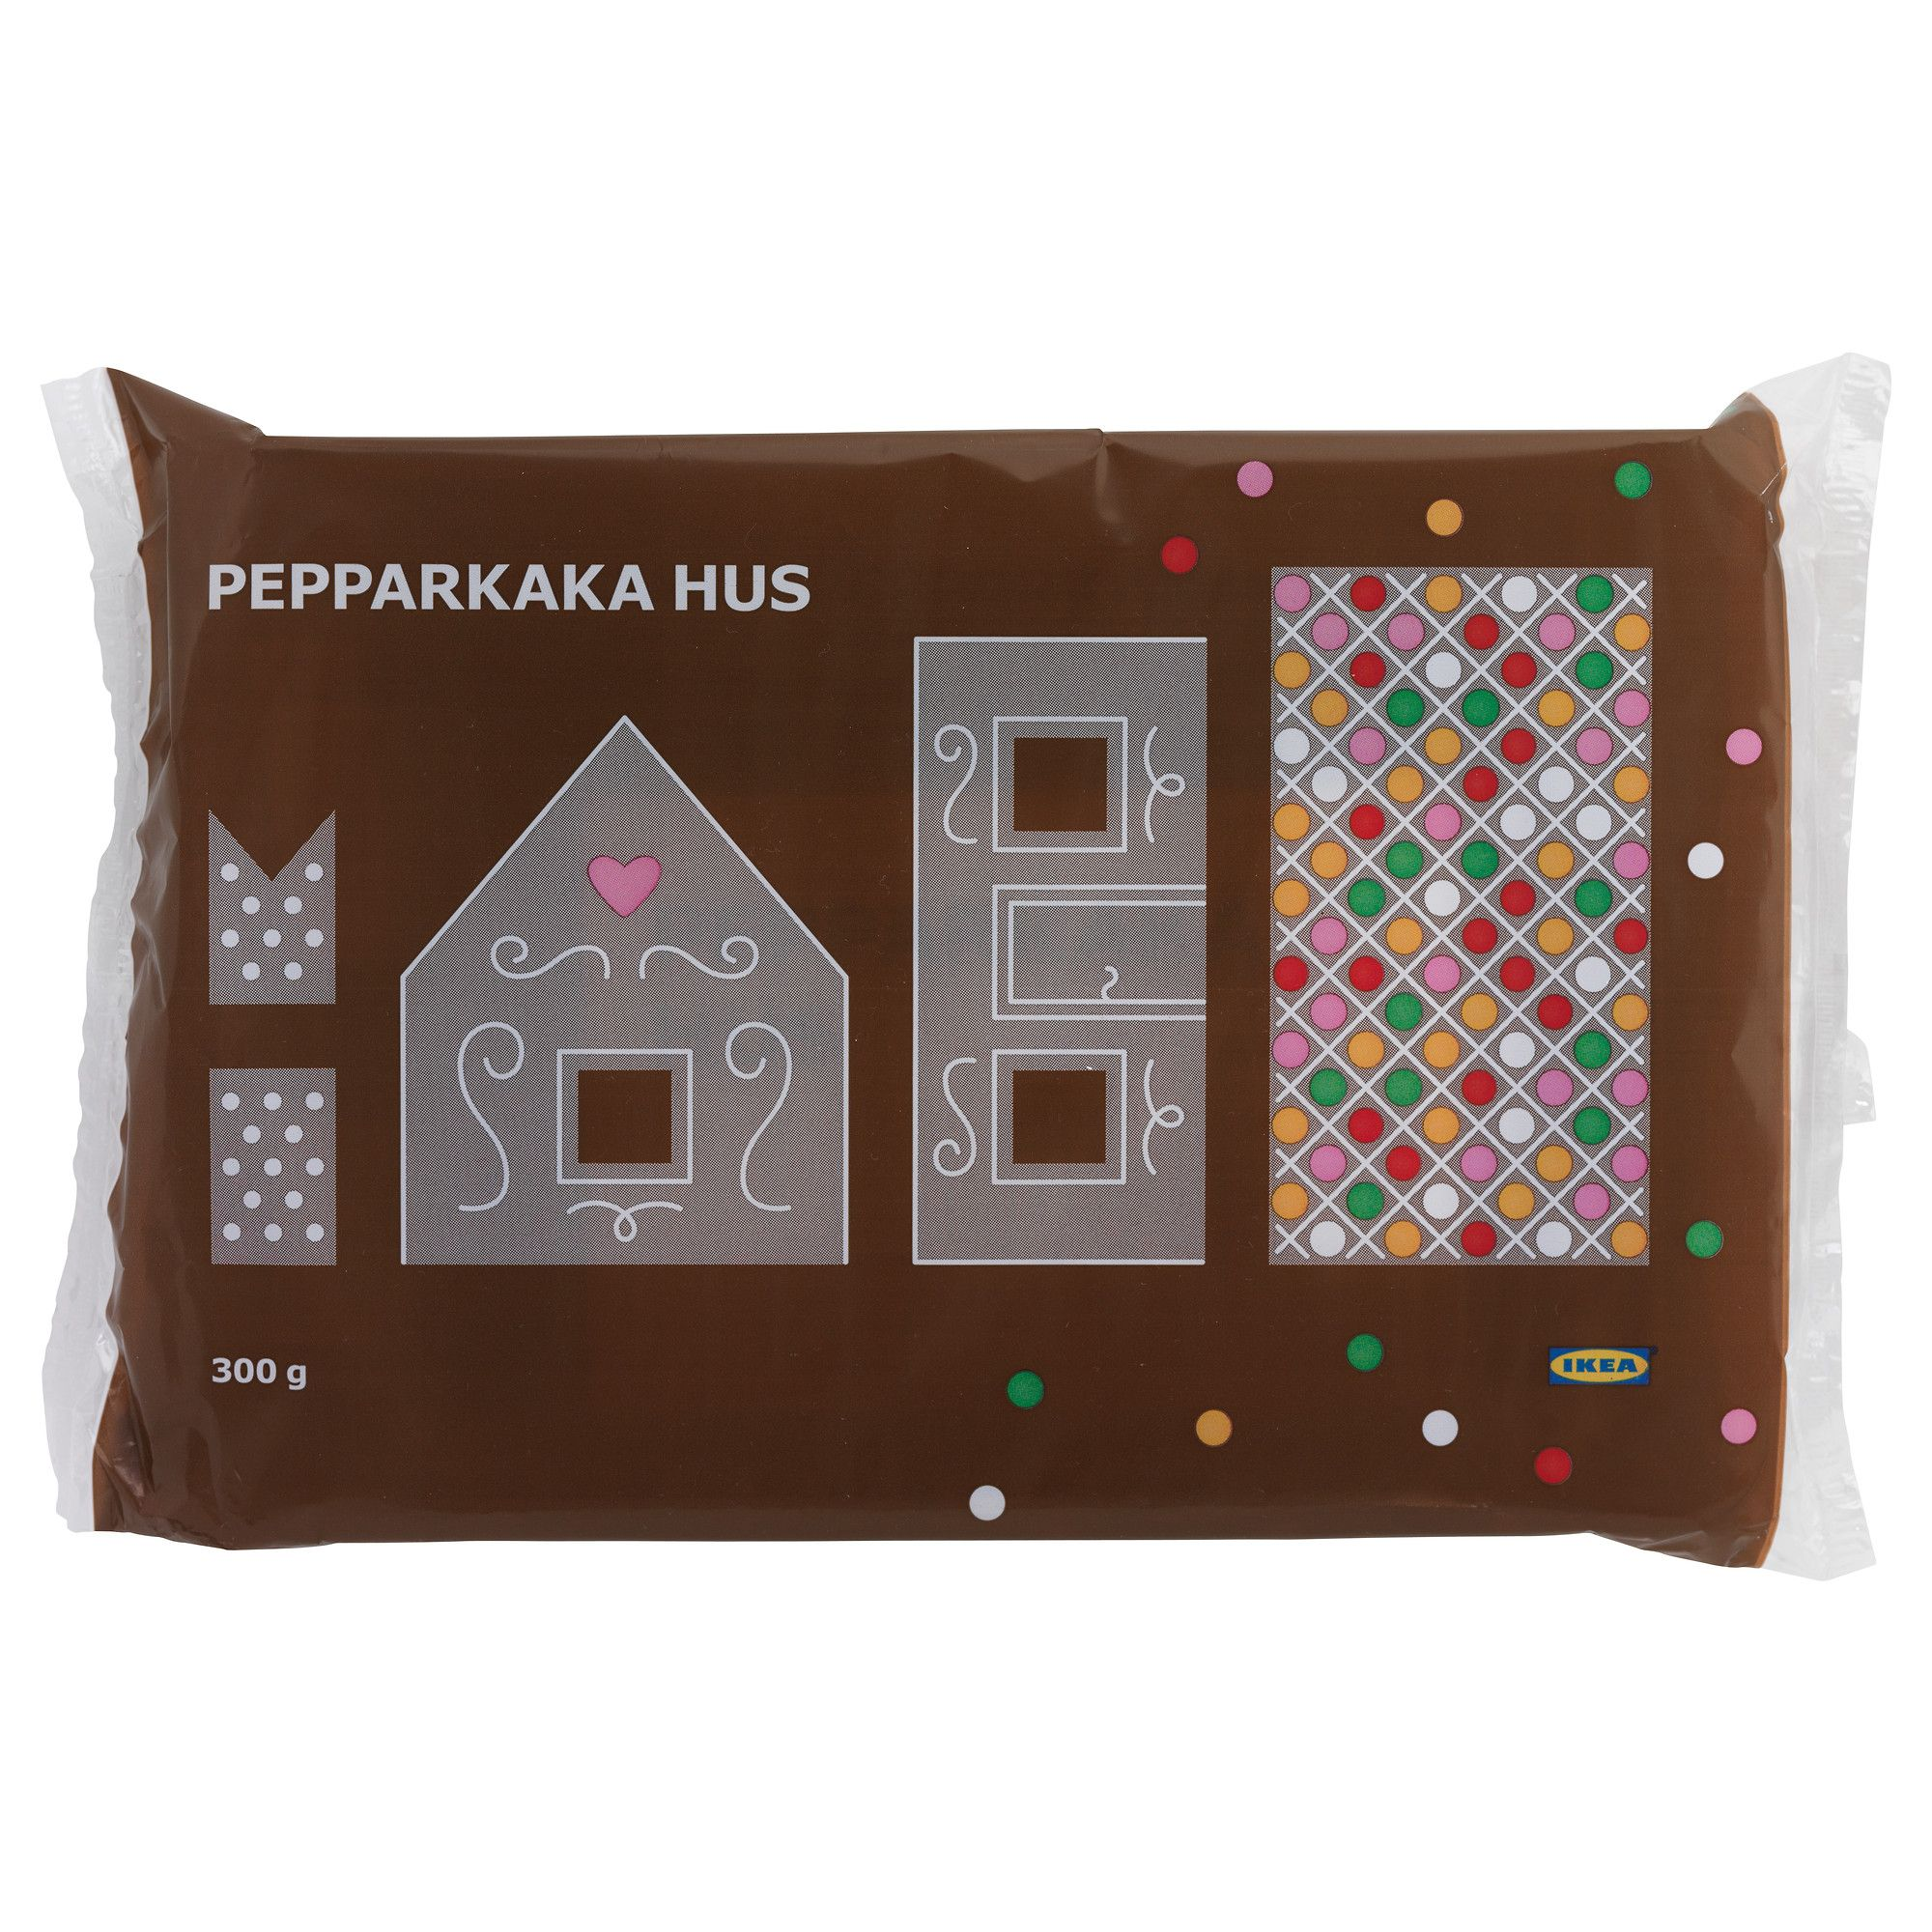 Premade Gingerbread Houses Pepparkaka Deg Gingerbread Dough Gingerbread House Parties The